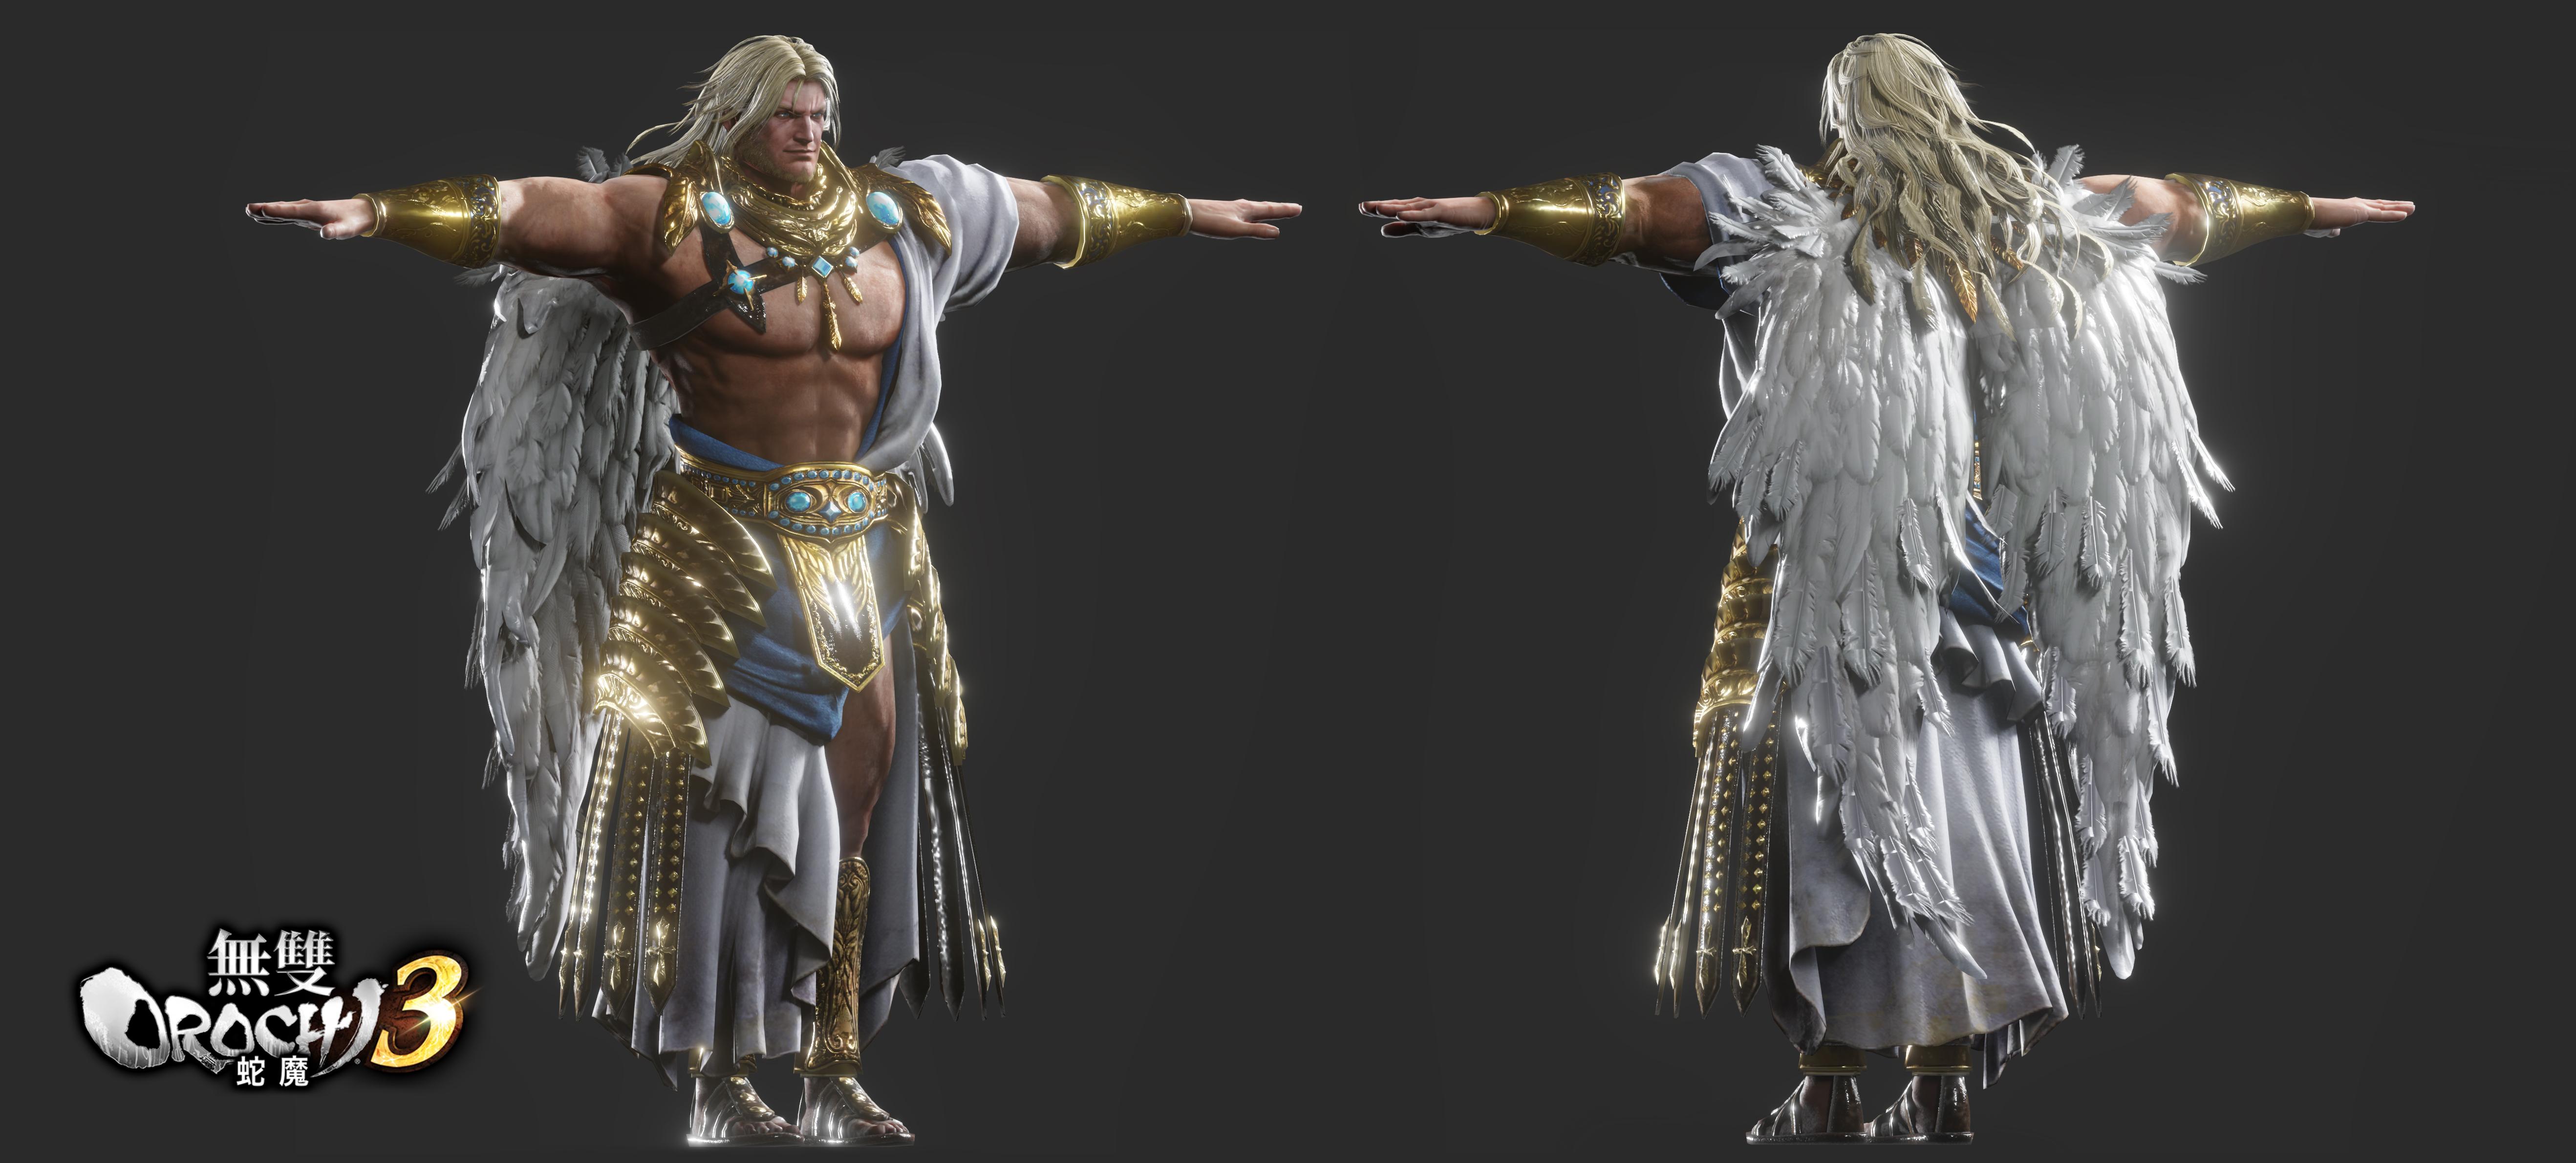 warriors orochi 4 zeus by kanbara914 on deviantart warriors orochi 4 zeus by kanbara914